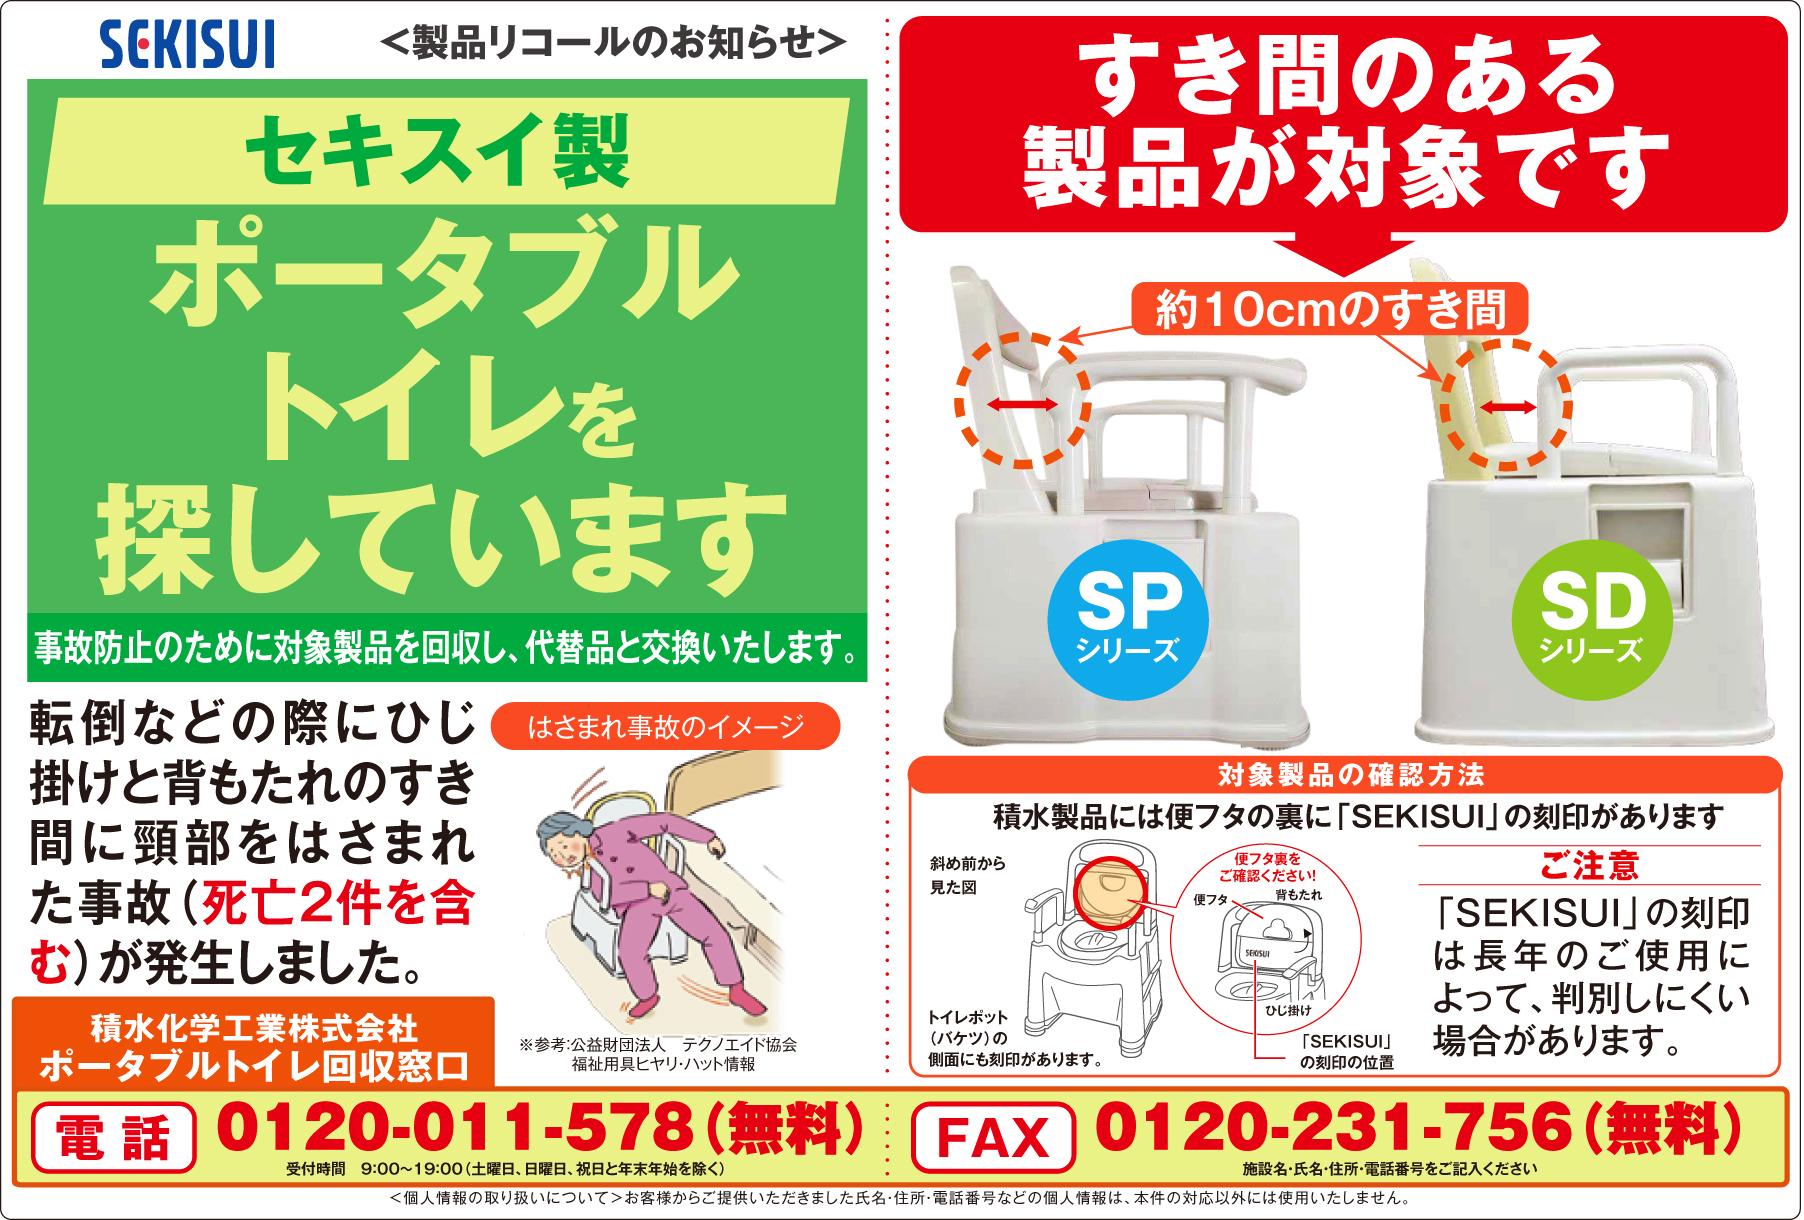 SEKISUI 無償交換のお知らせ セキスイ製ポータブルトイレを探しています